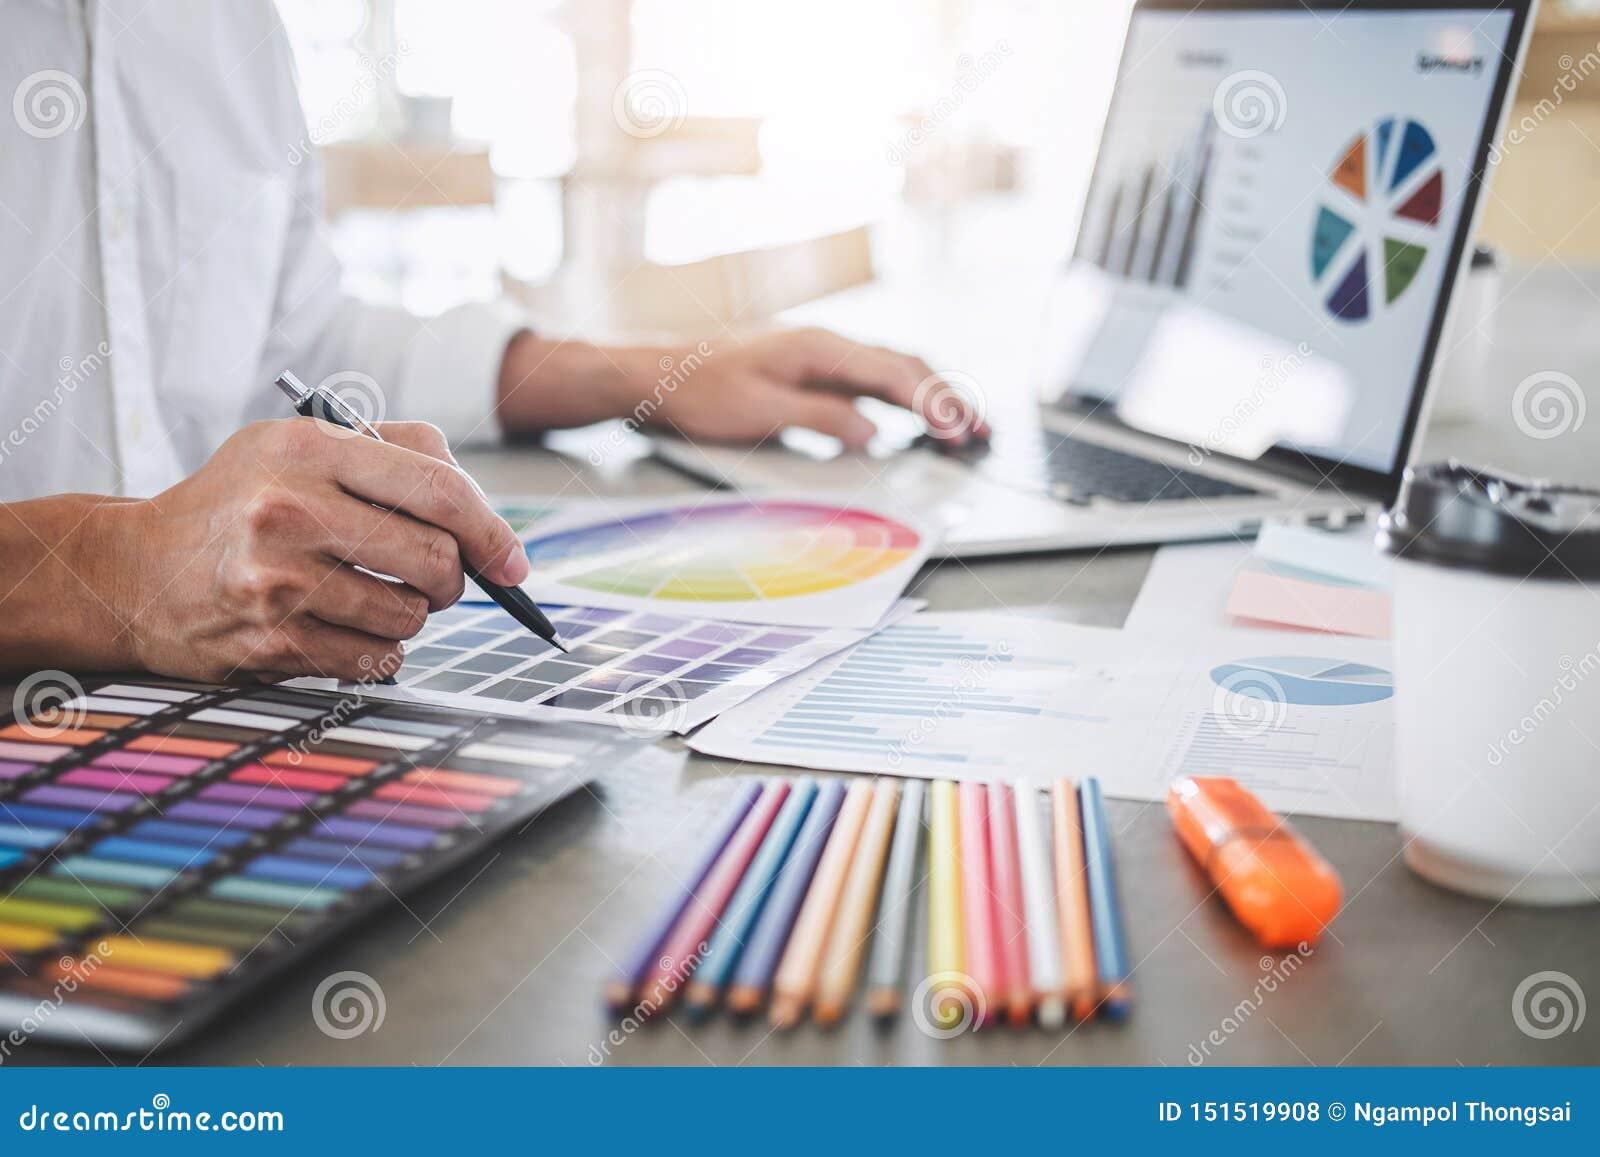 Giovane grafico creativo che lavora ai campioni architettonici del disegno e di colore di progetto, coloritura di selezione sul g